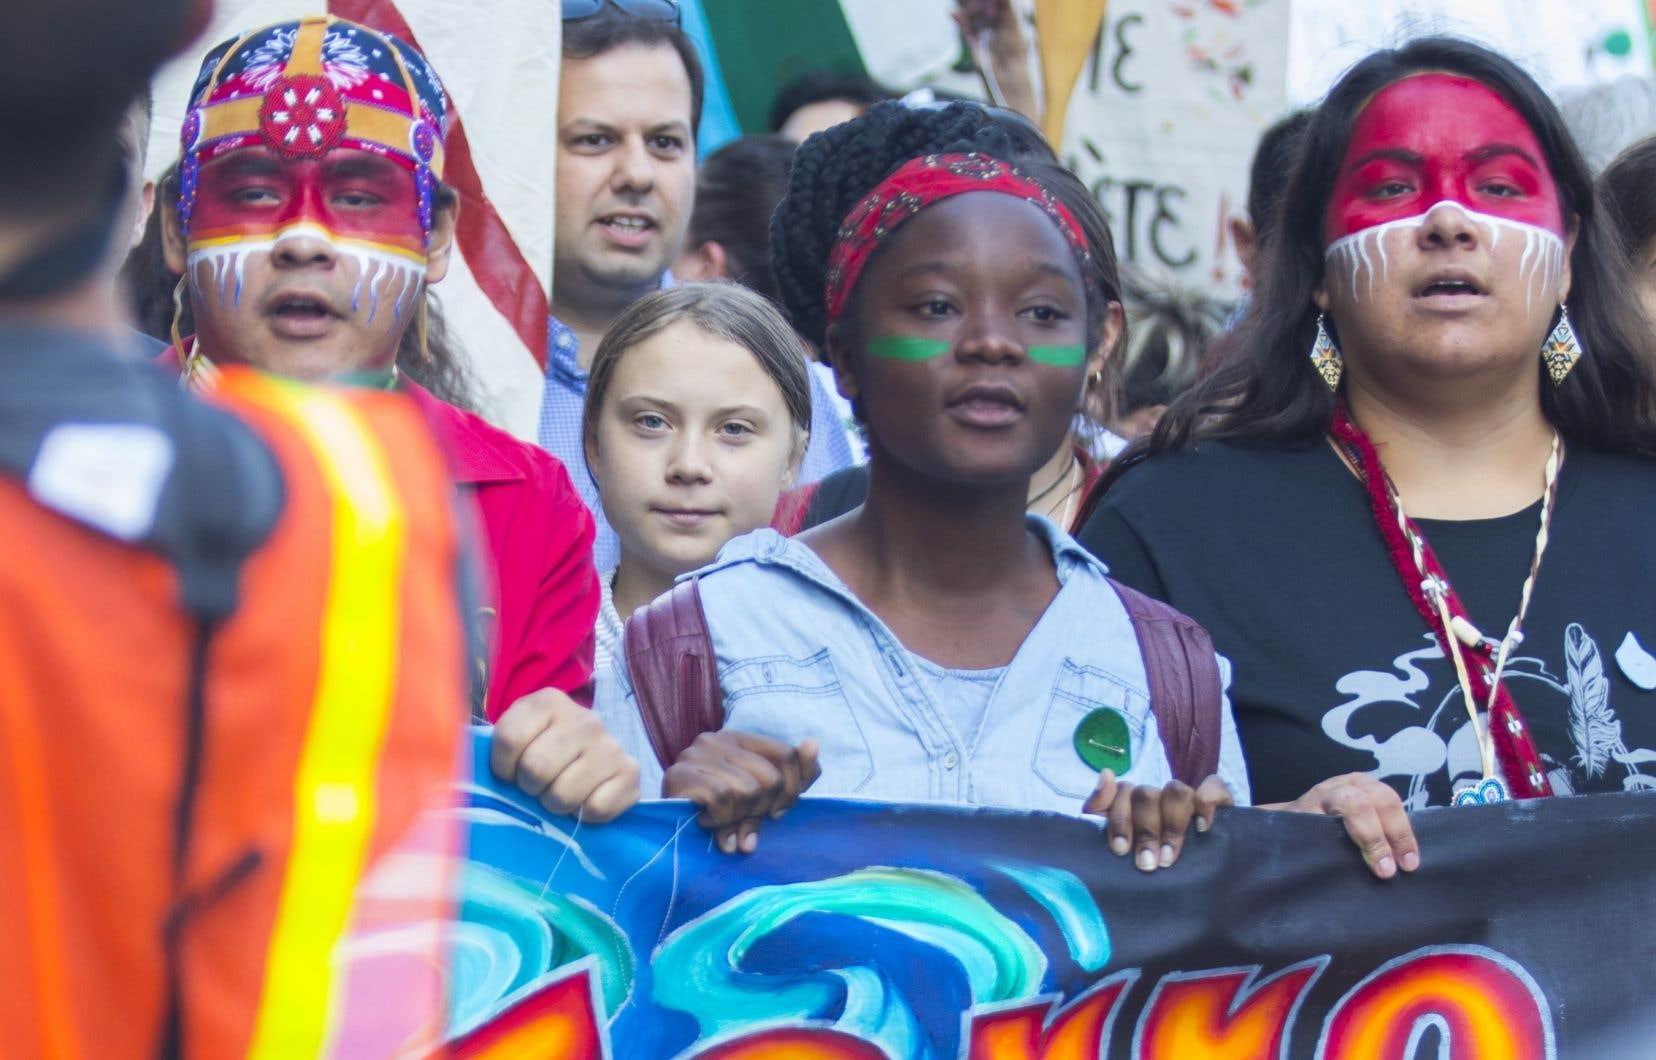 Le 27 septembre 2019, près d'un demi-million de personnes, majoritairement des jeunes, ont défilé dans les rues de Montréal aux côtés de la militante Greta Thunberg.